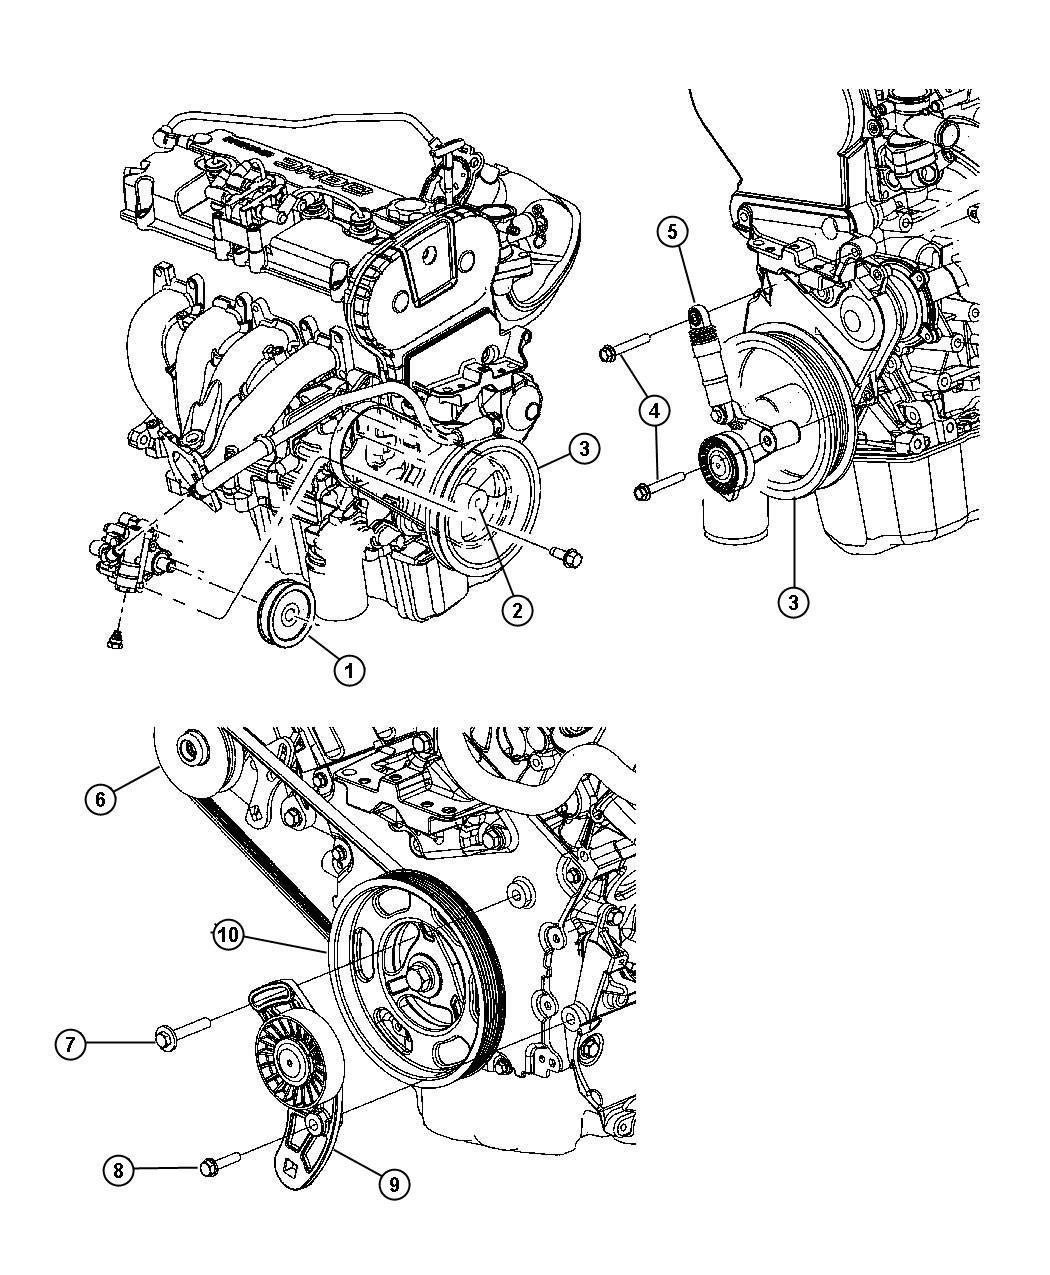 2004 chrysler sebring bracket  alternator adjusting  includes pulley  ees  eereee